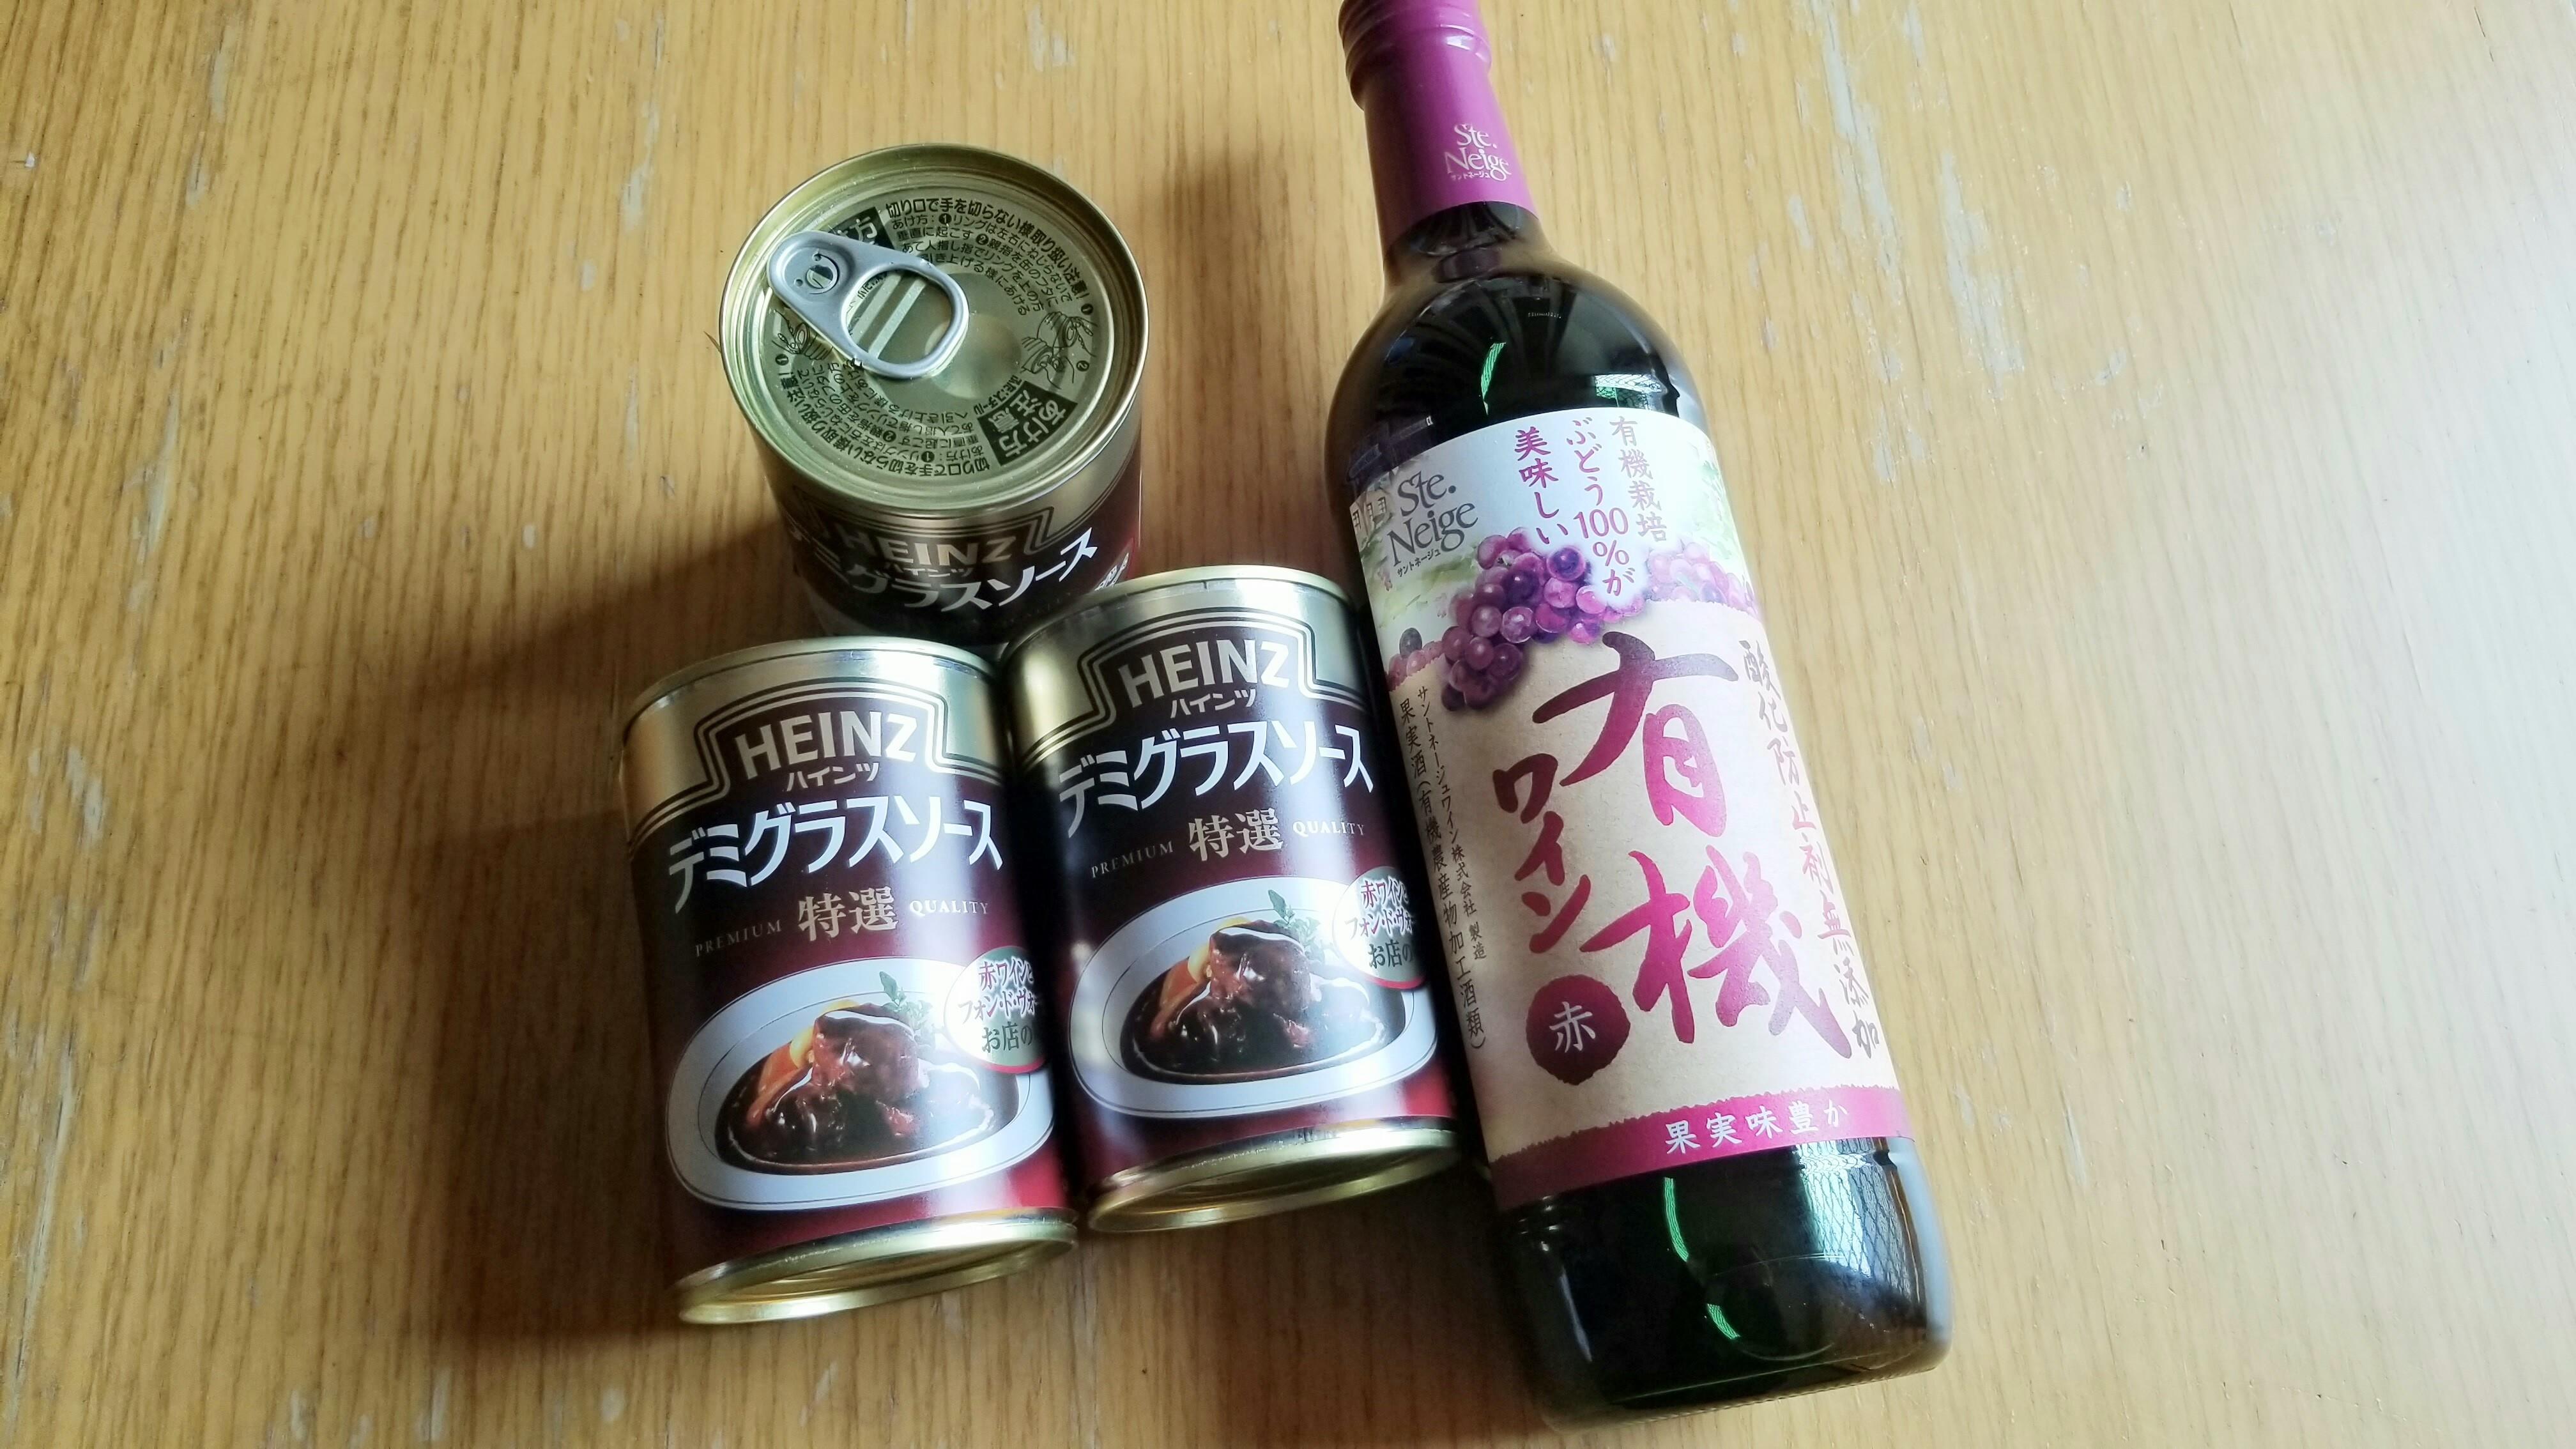 本格的なビーフシチュー作り方赤ワインコツコクソース人気レシピ